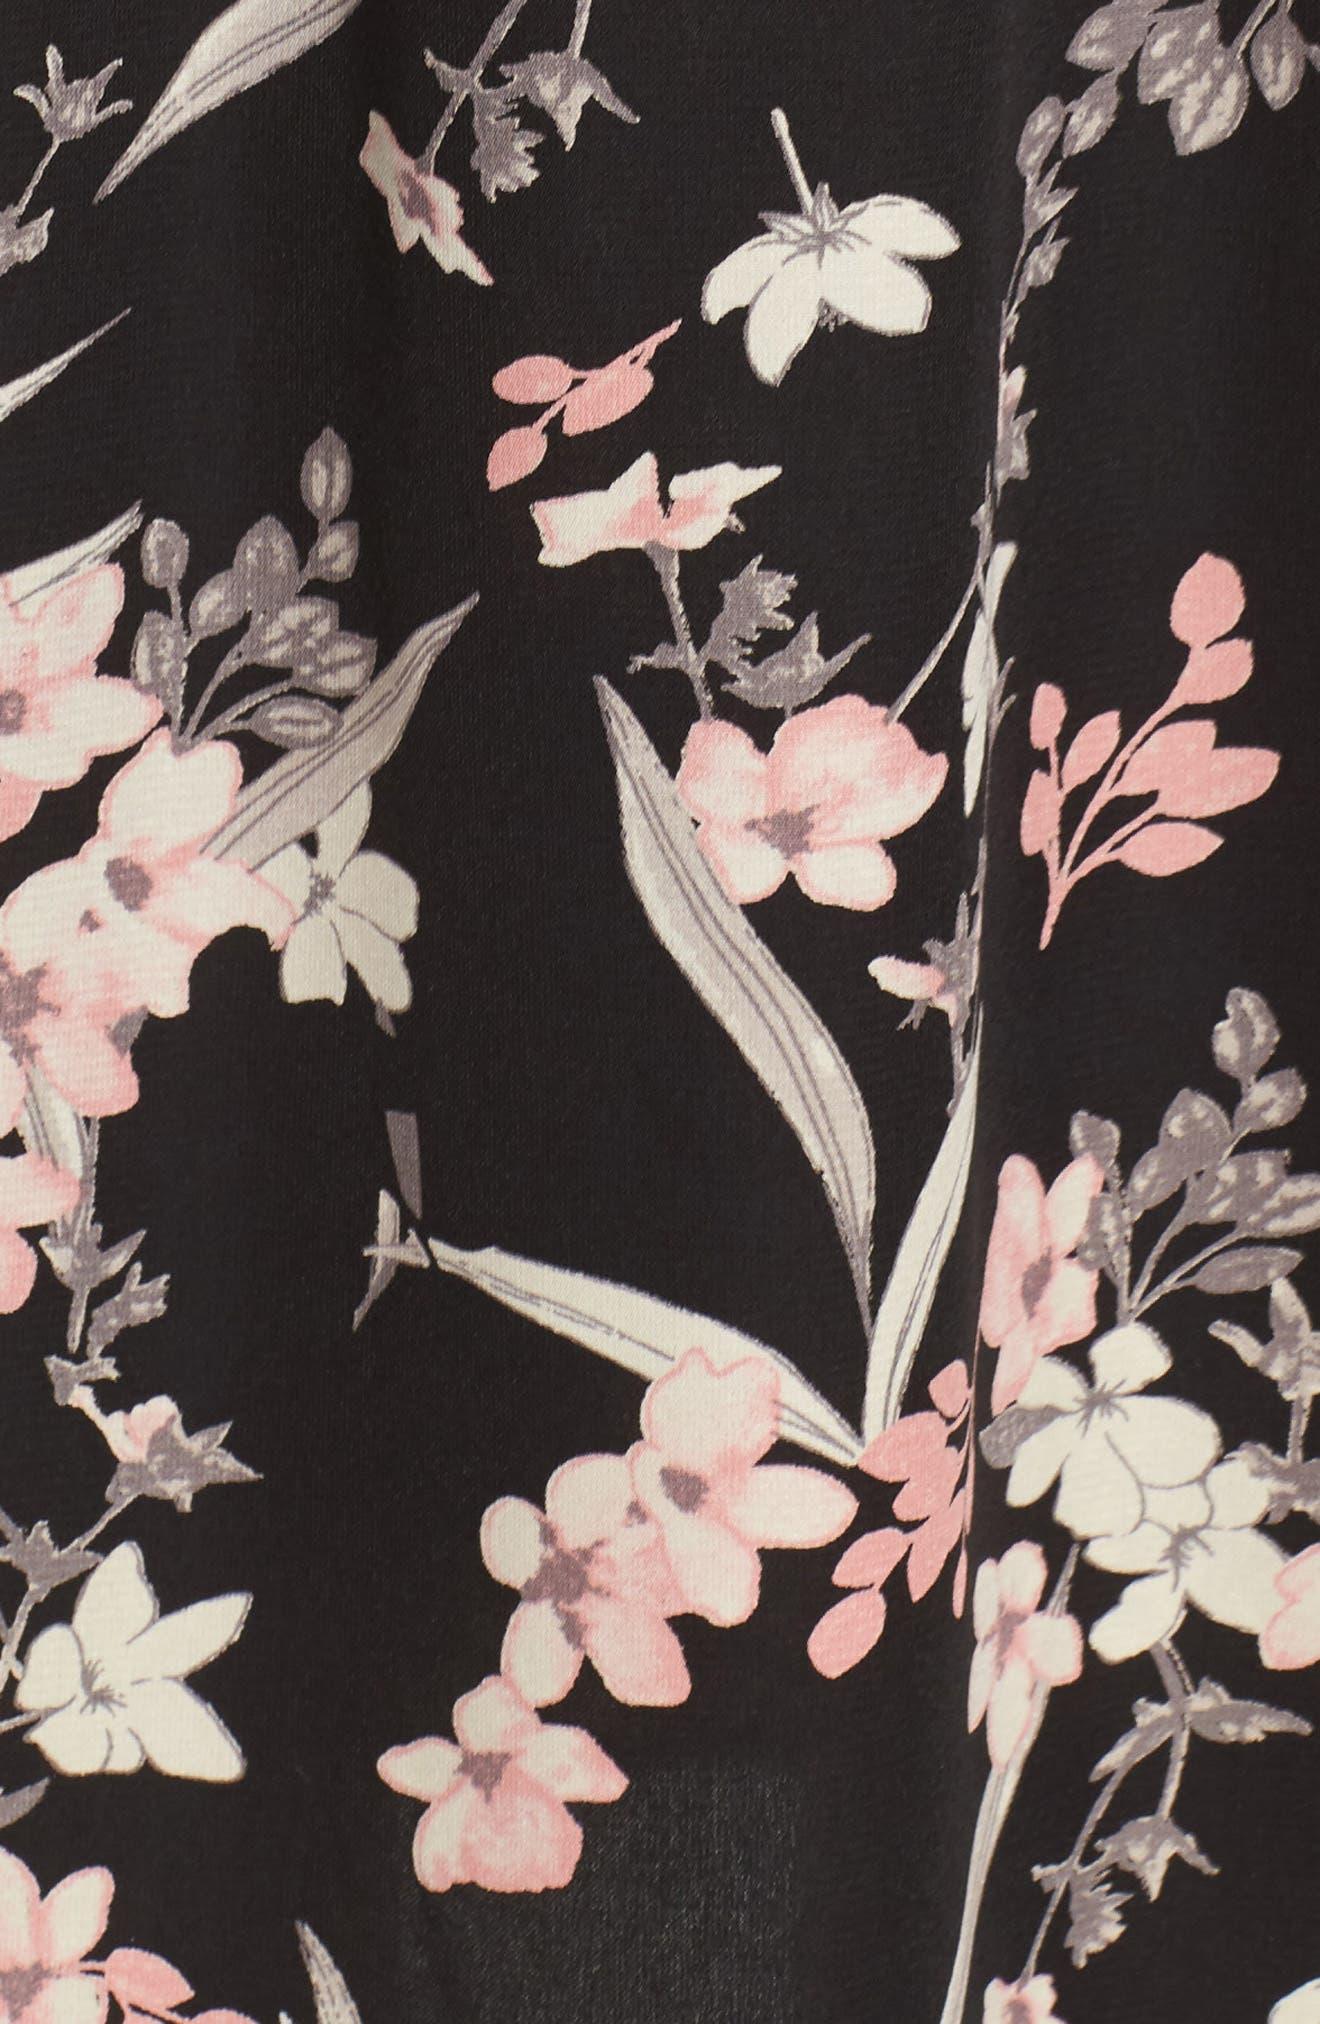 Blouson Midi Dress,                             Alternate thumbnail 5, color,                             IRIS